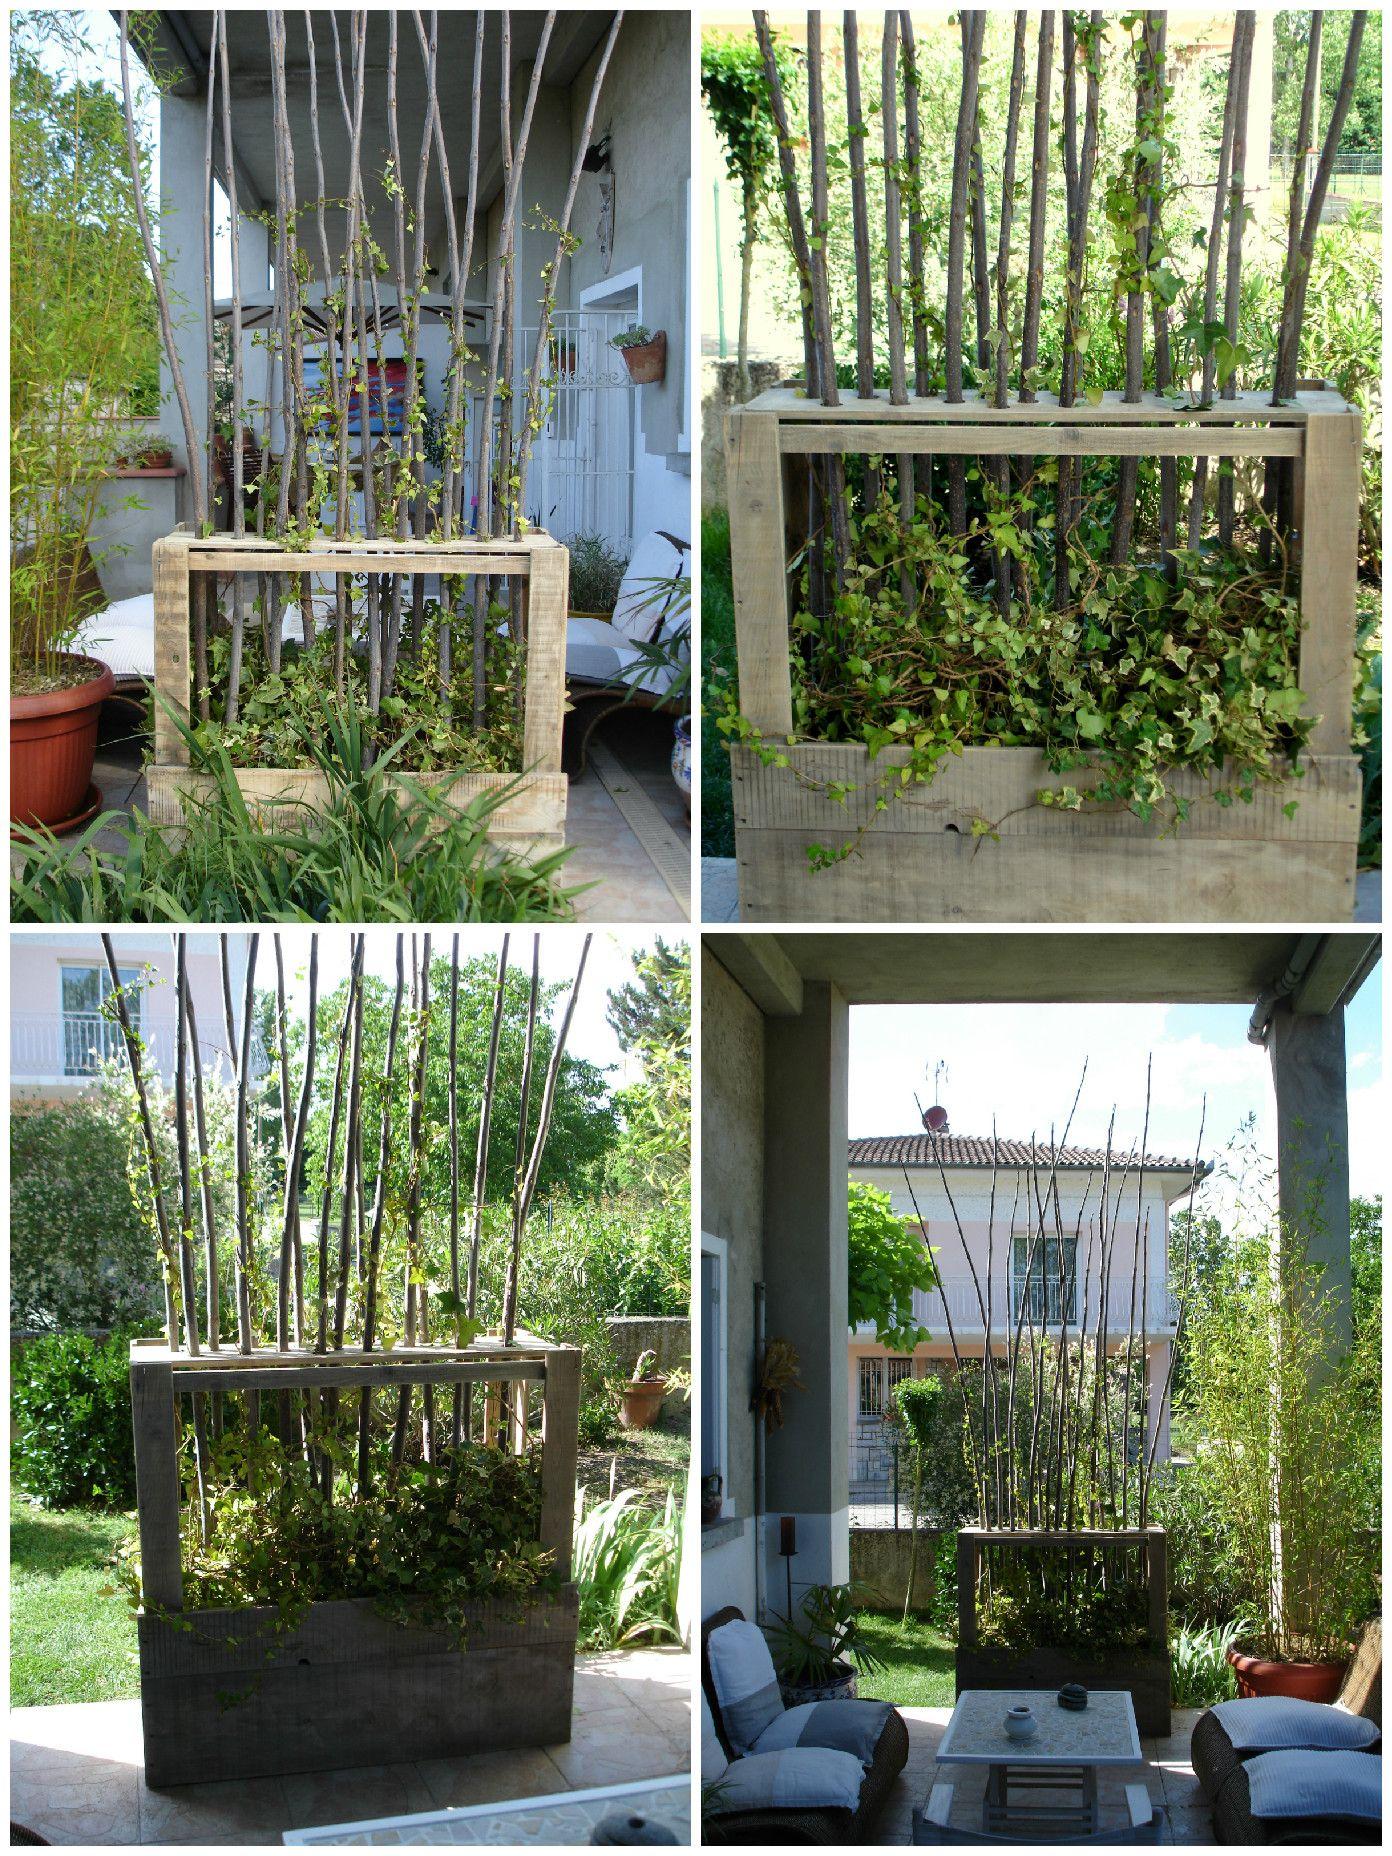 paravent v g tal en bois de palettes upcycled wooden pallet vegetal fence privacy fences. Black Bedroom Furniture Sets. Home Design Ideas